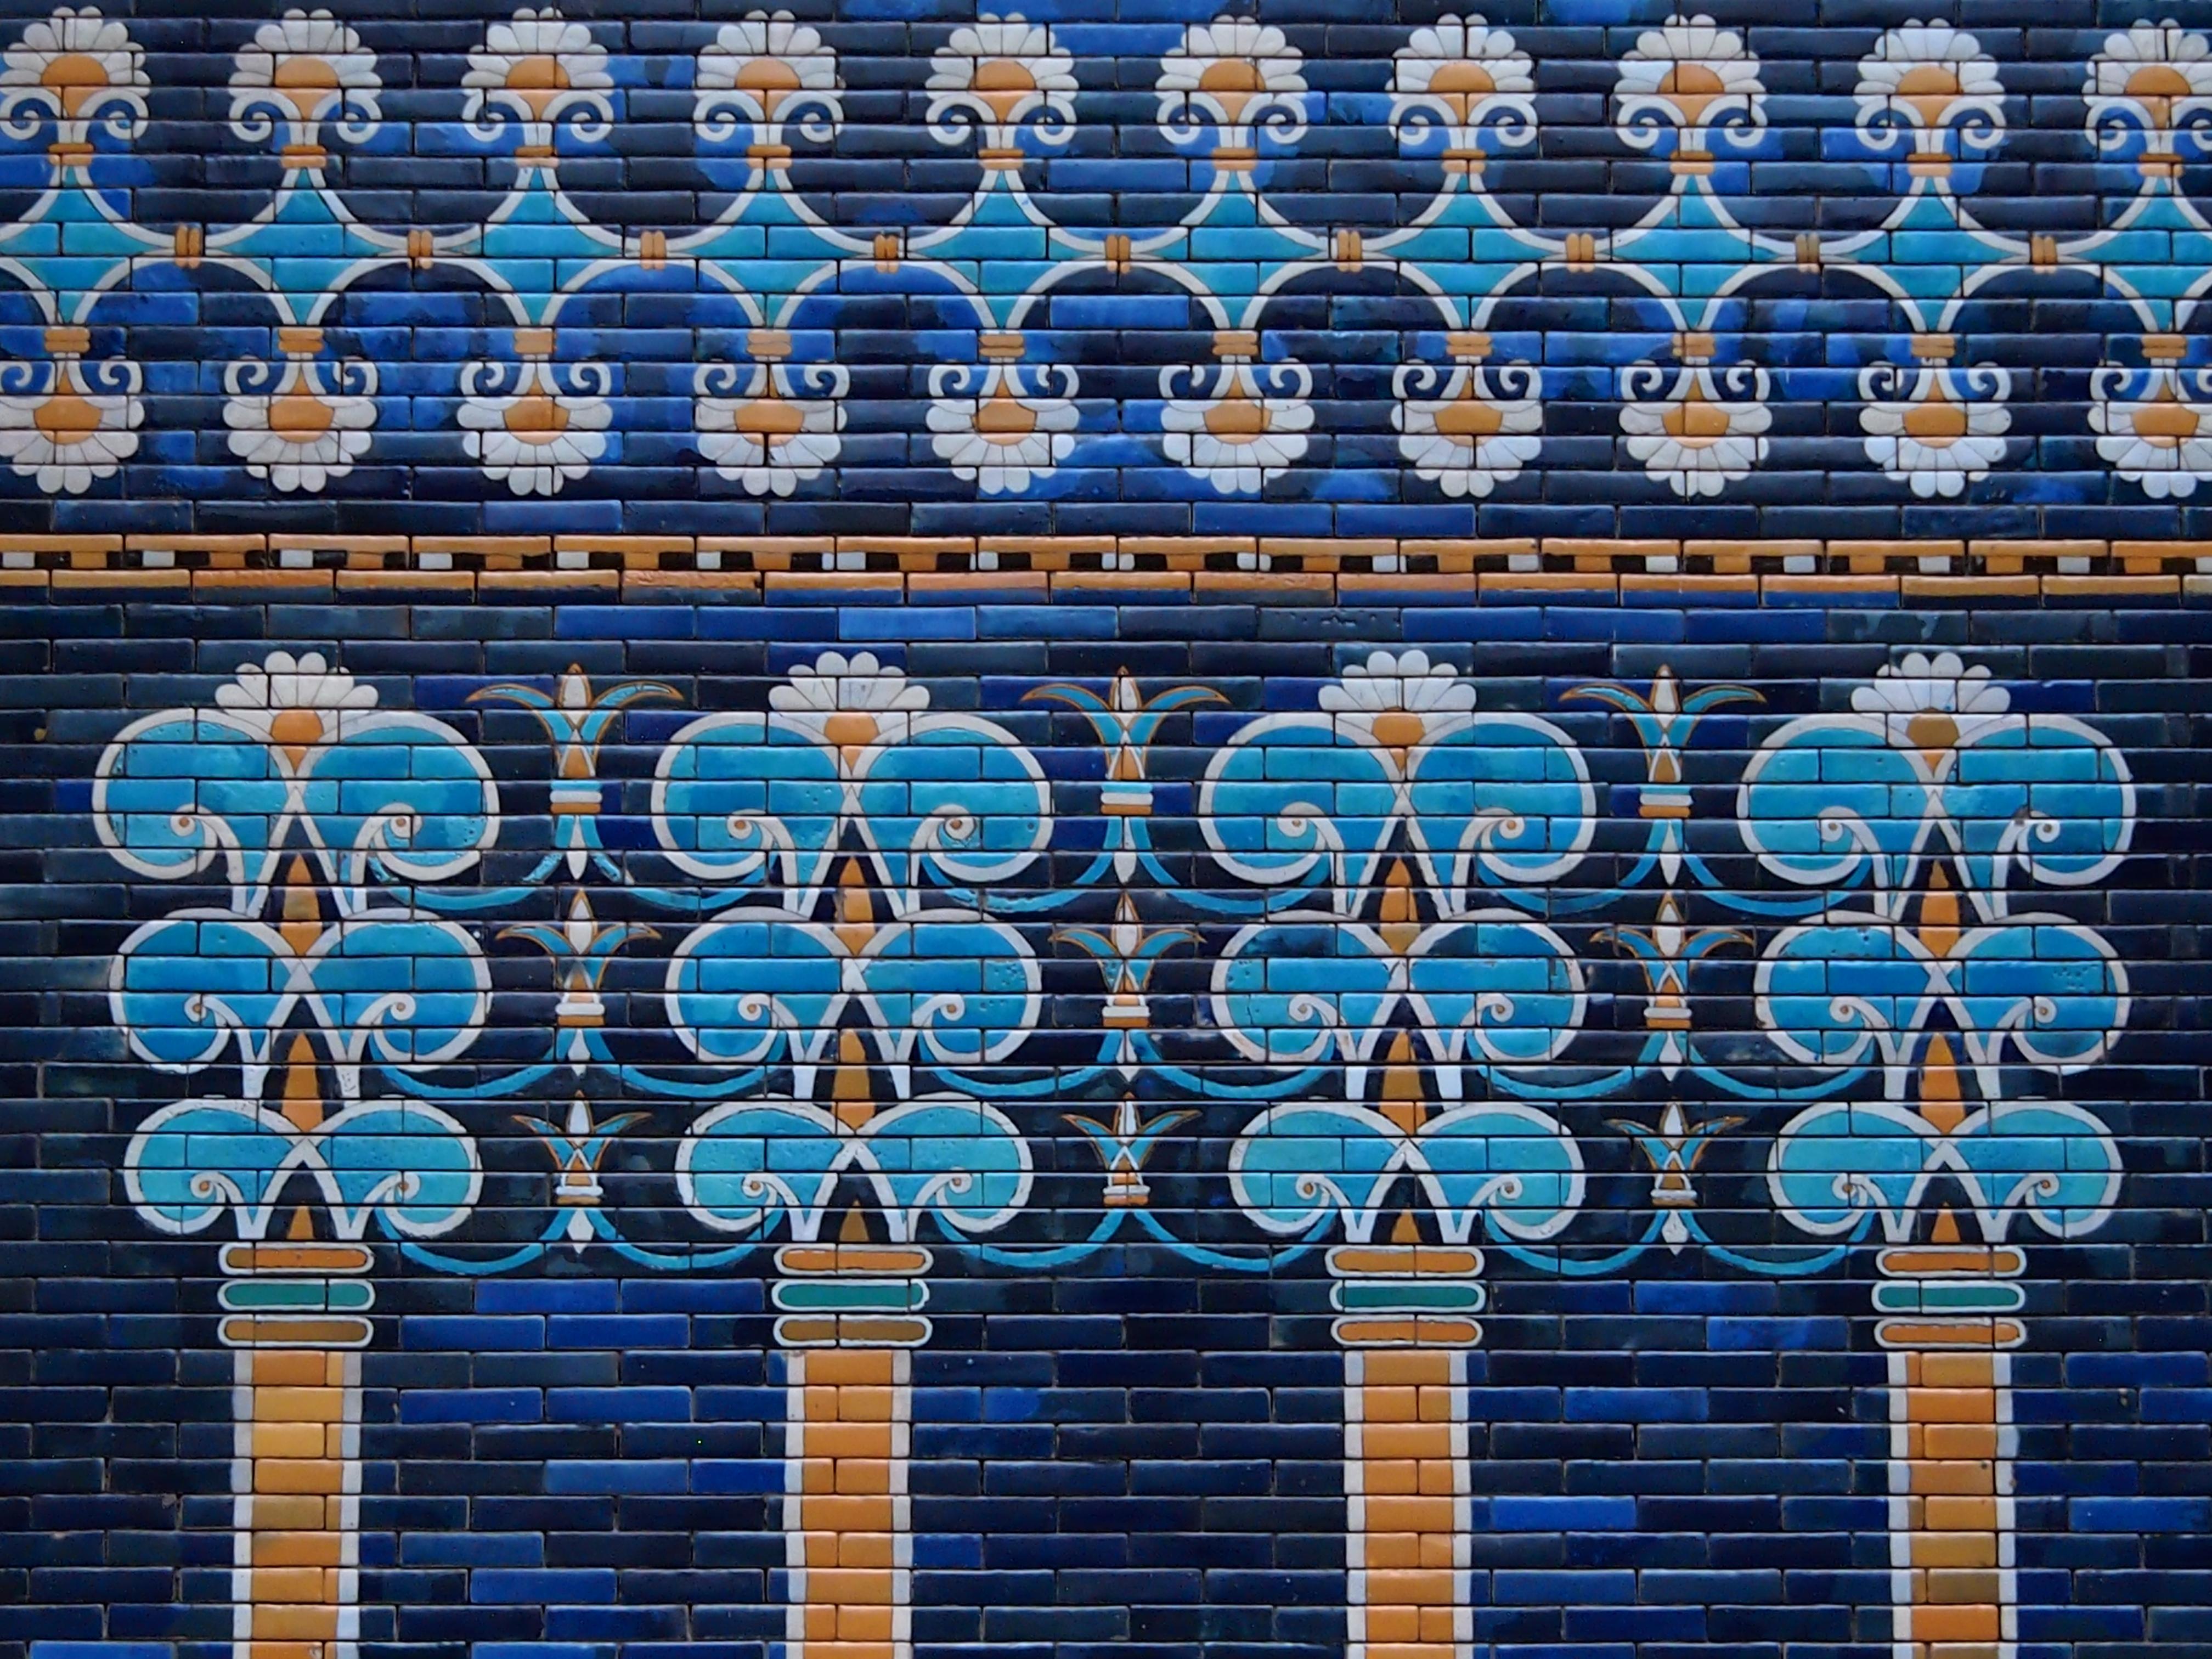 Fliesenausstellung Berlin wallpaper window symmetry blue germany pattern museum berlin